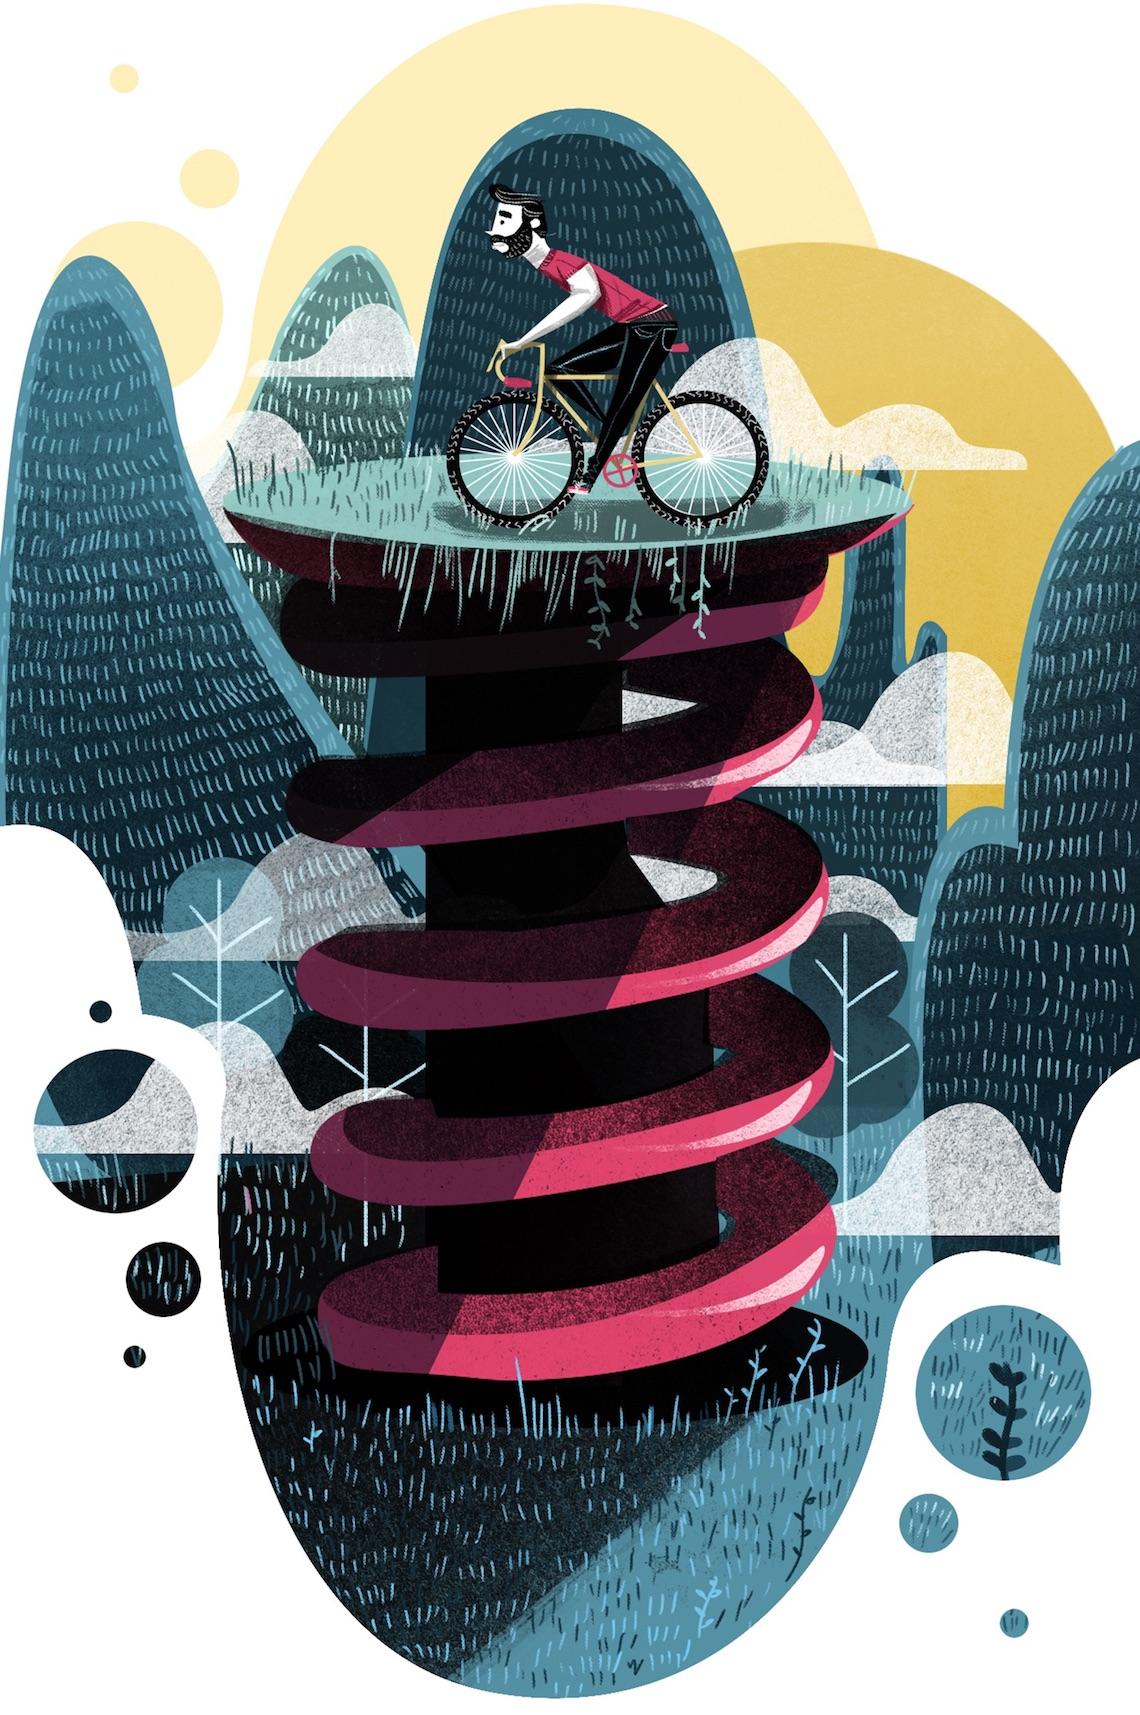 Guillo Castellanos Illustrazioni_Bike_Mèxico_urbancycling_4